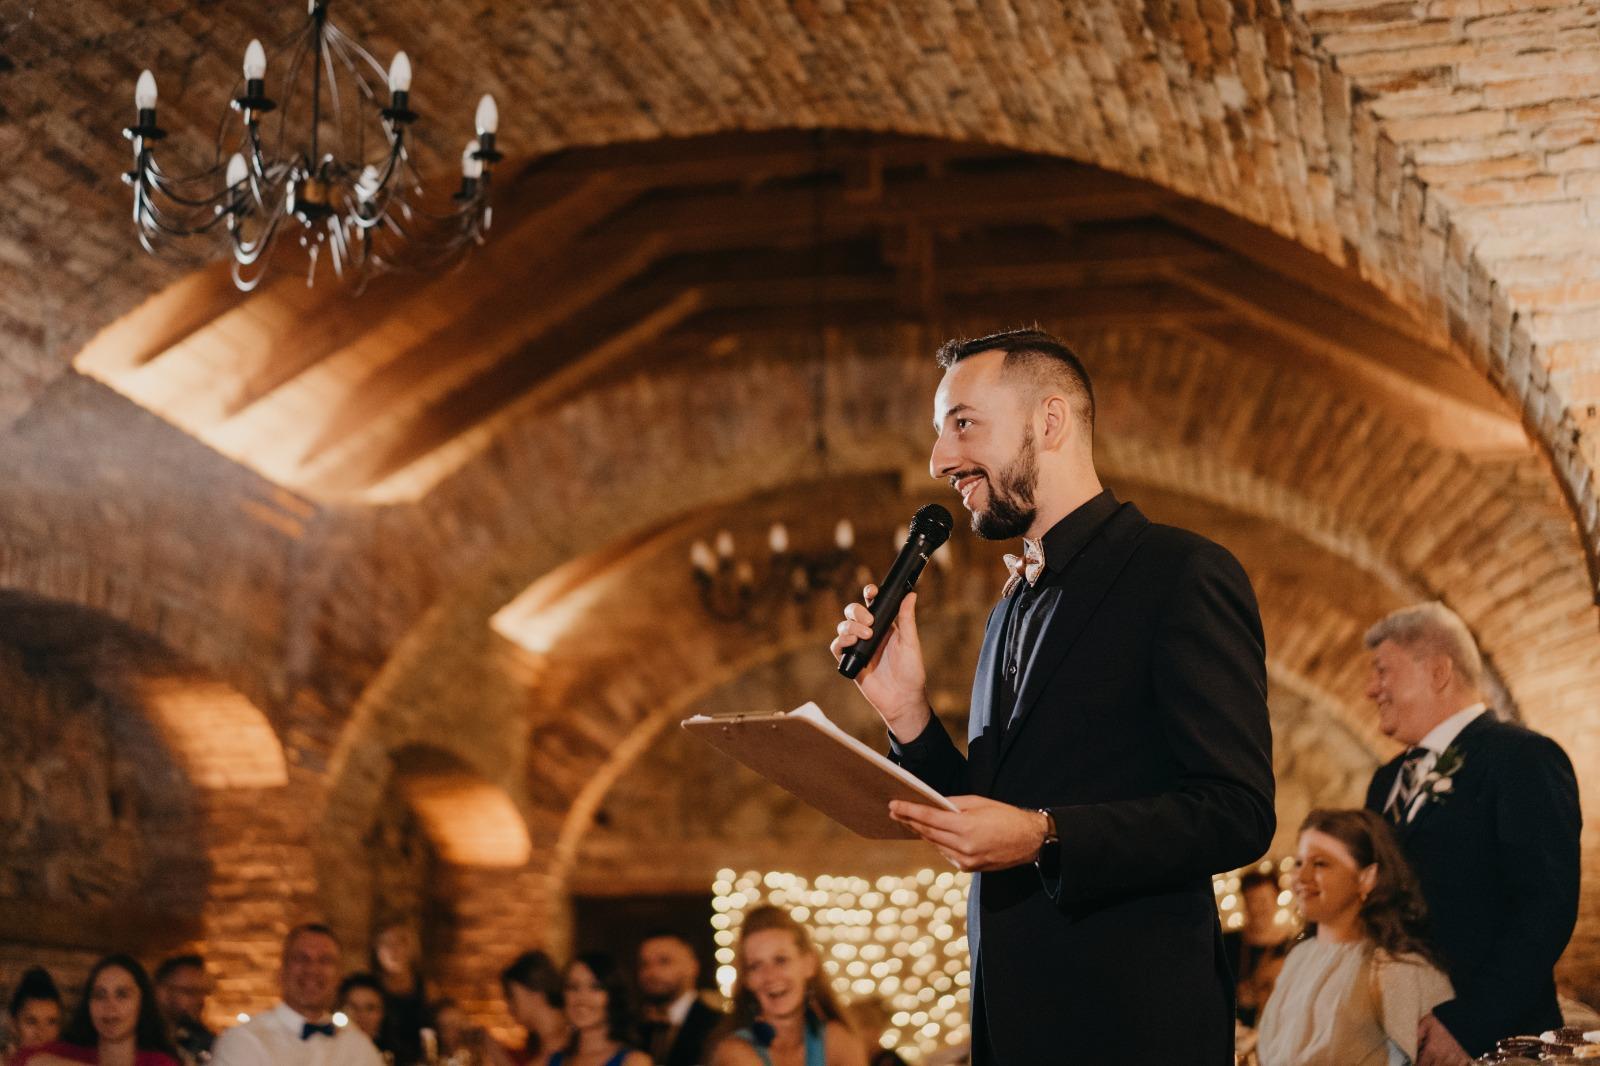 ROMČA & PEŤO, svadba Neco Estate Winery  www.djmike.sk - Obrázok č. 1